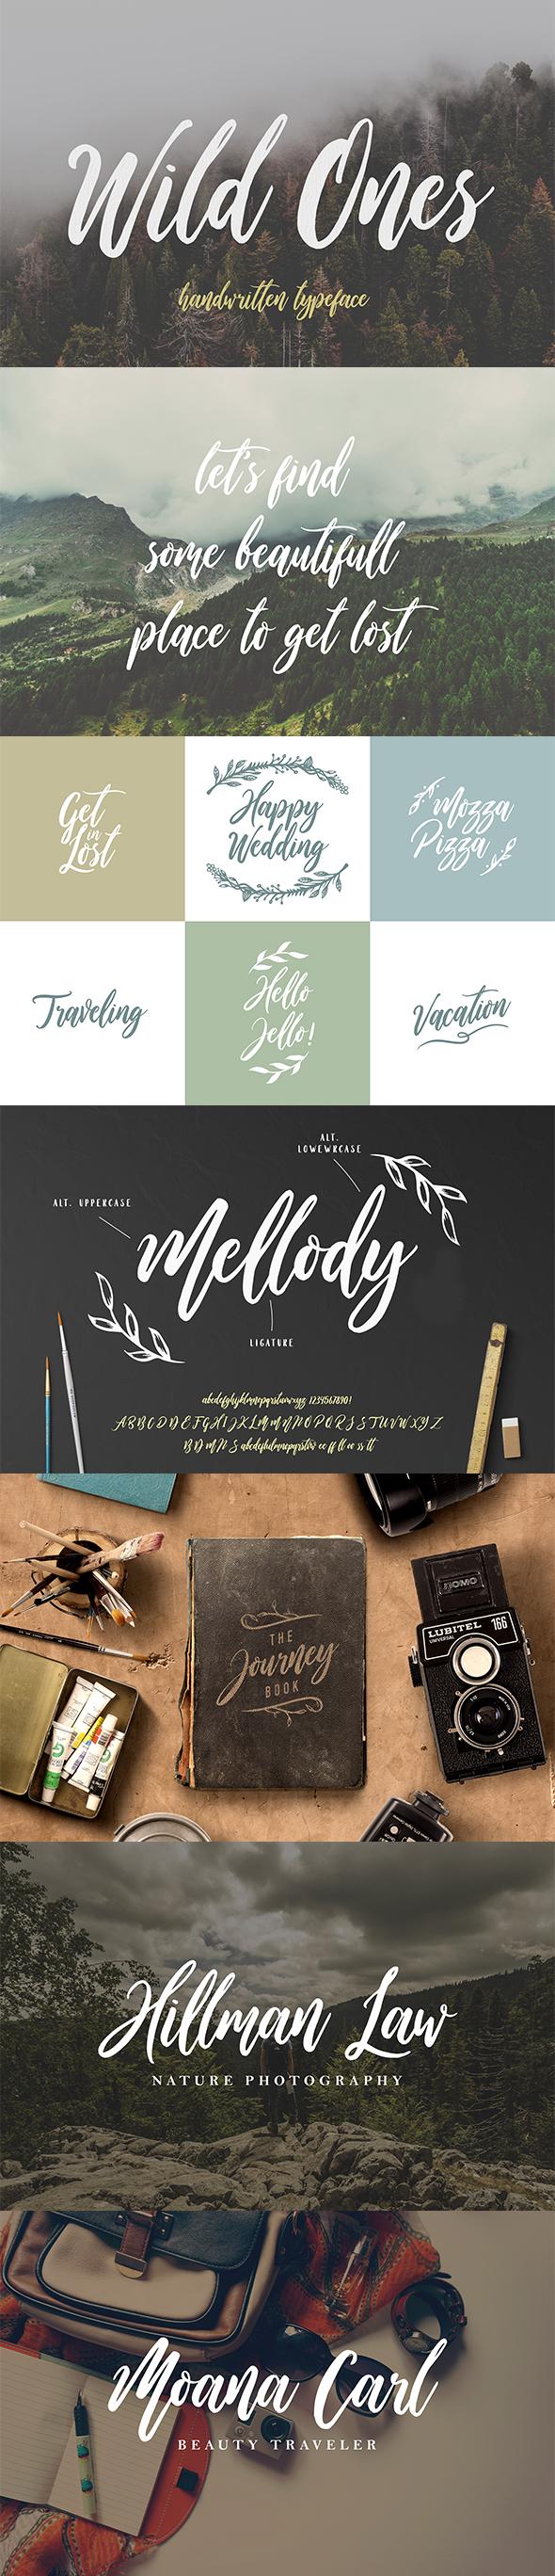 Wild Ones - Calligraphy Script